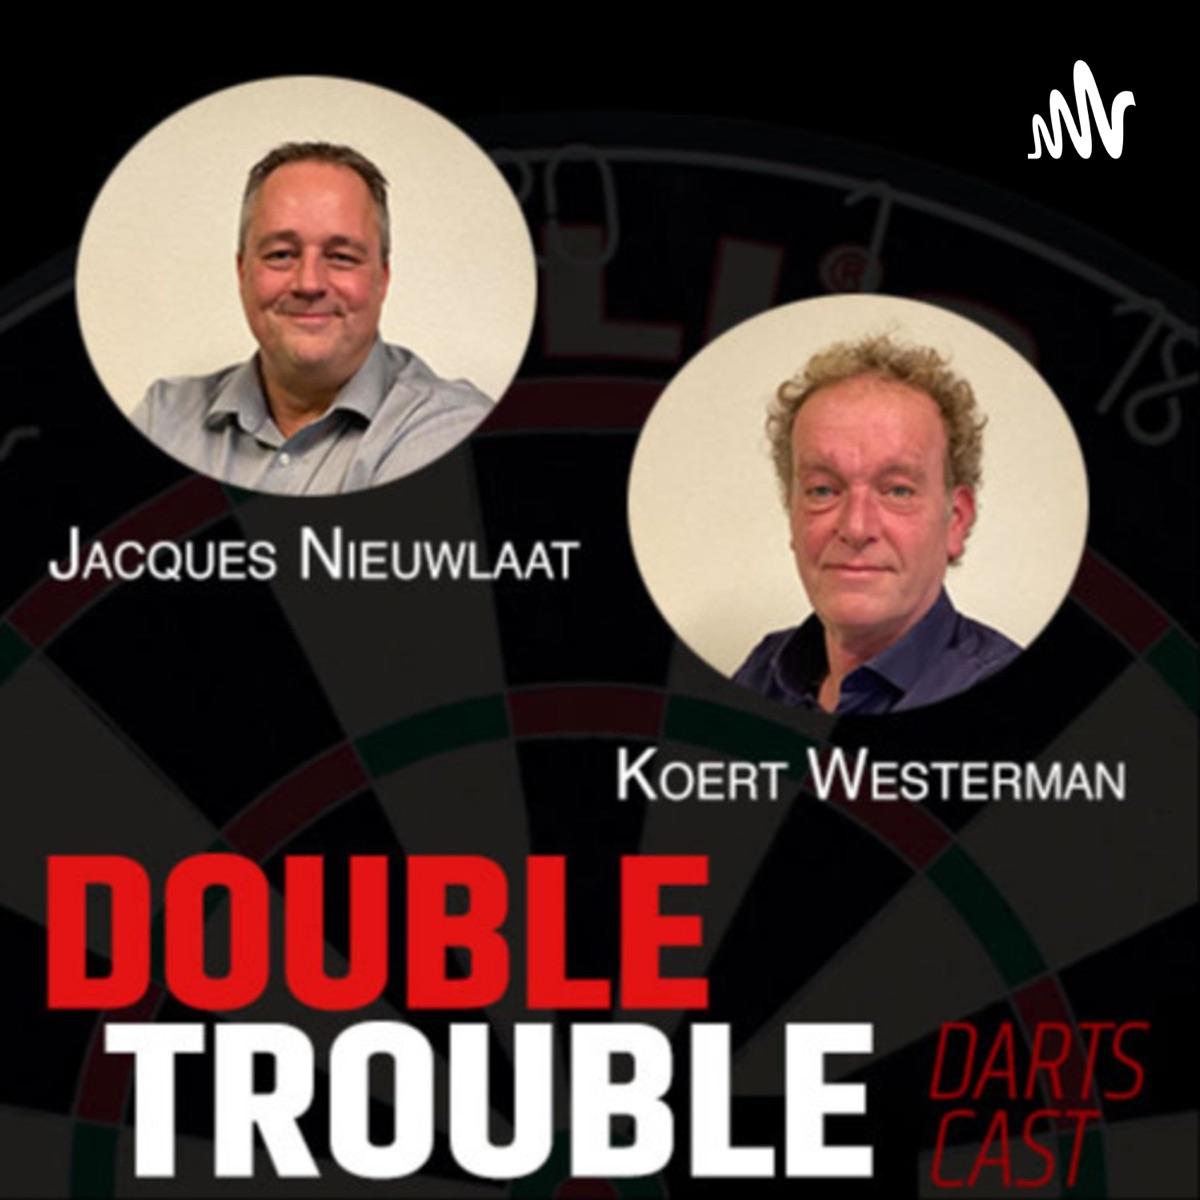 Double Trouble Darts Cast